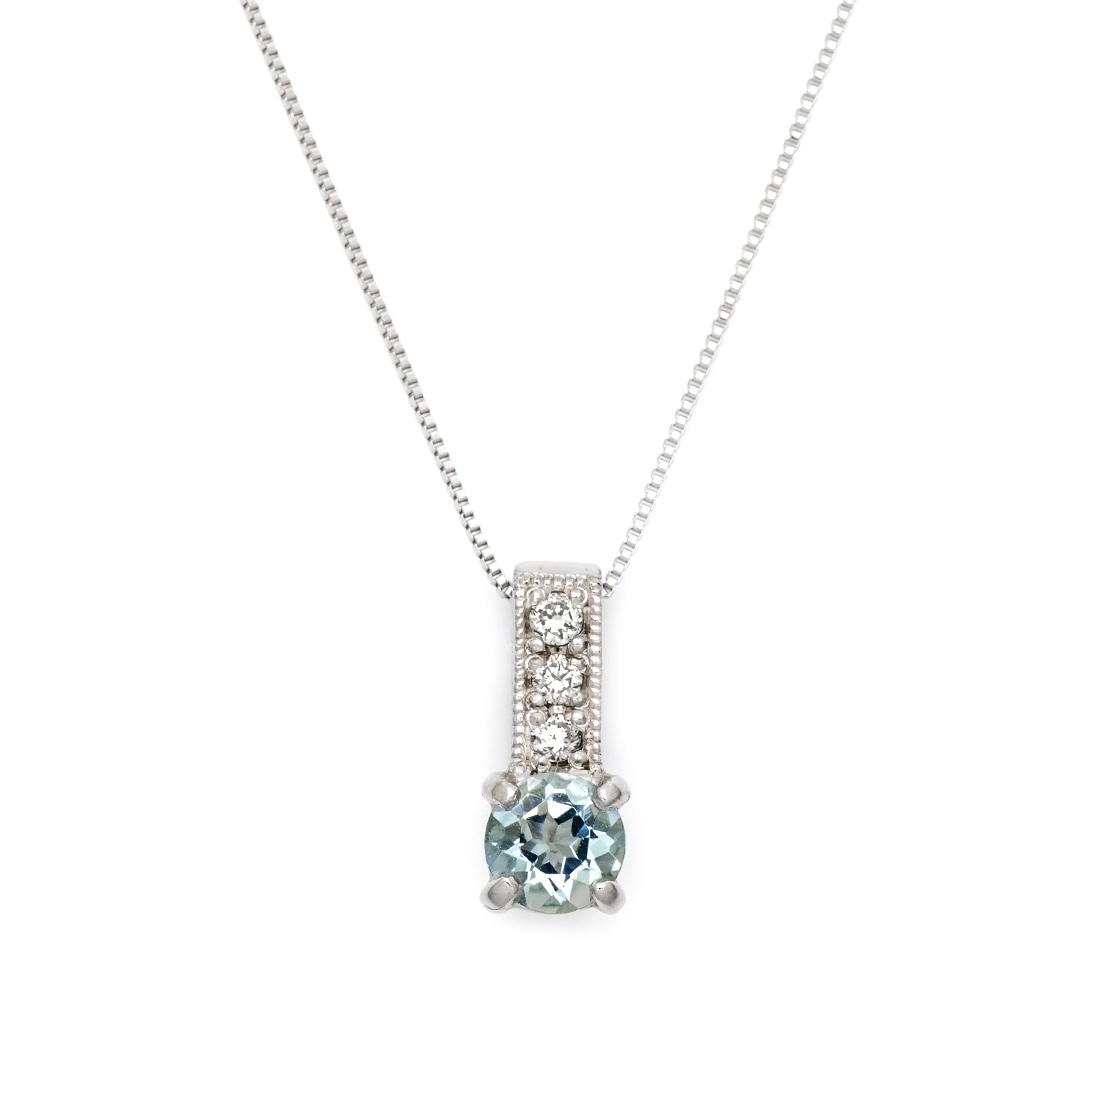 【GWクーポン配布中】ペンダント アクアマリン ダイヤモンド 「fiorito」 プラチナ900 ベネチアンチェーン 送料無料